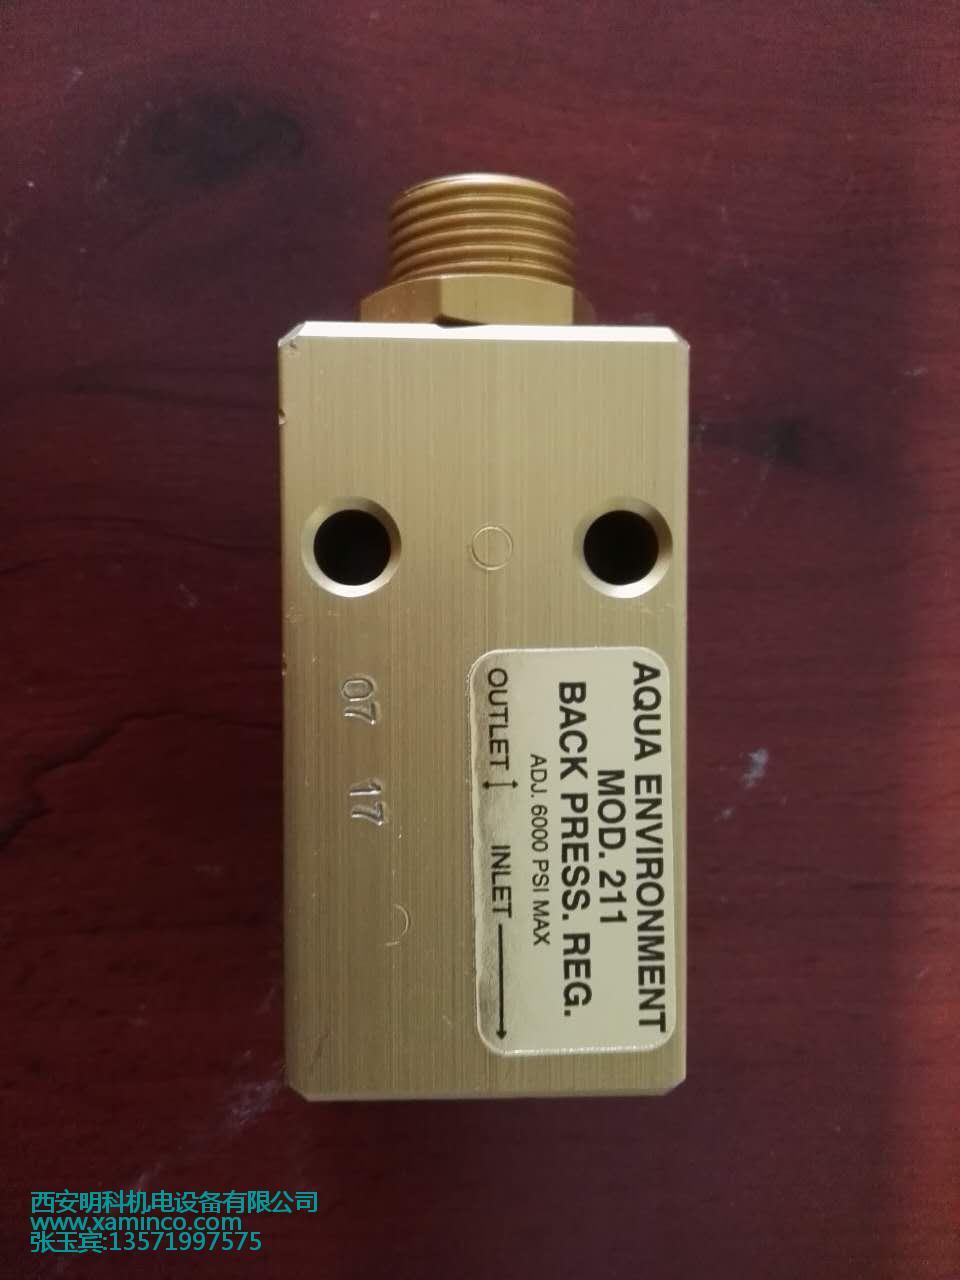 供銷美國AQUA順序閥635L/1709_物超所值的順序閥635L/1709西安明科機電供應